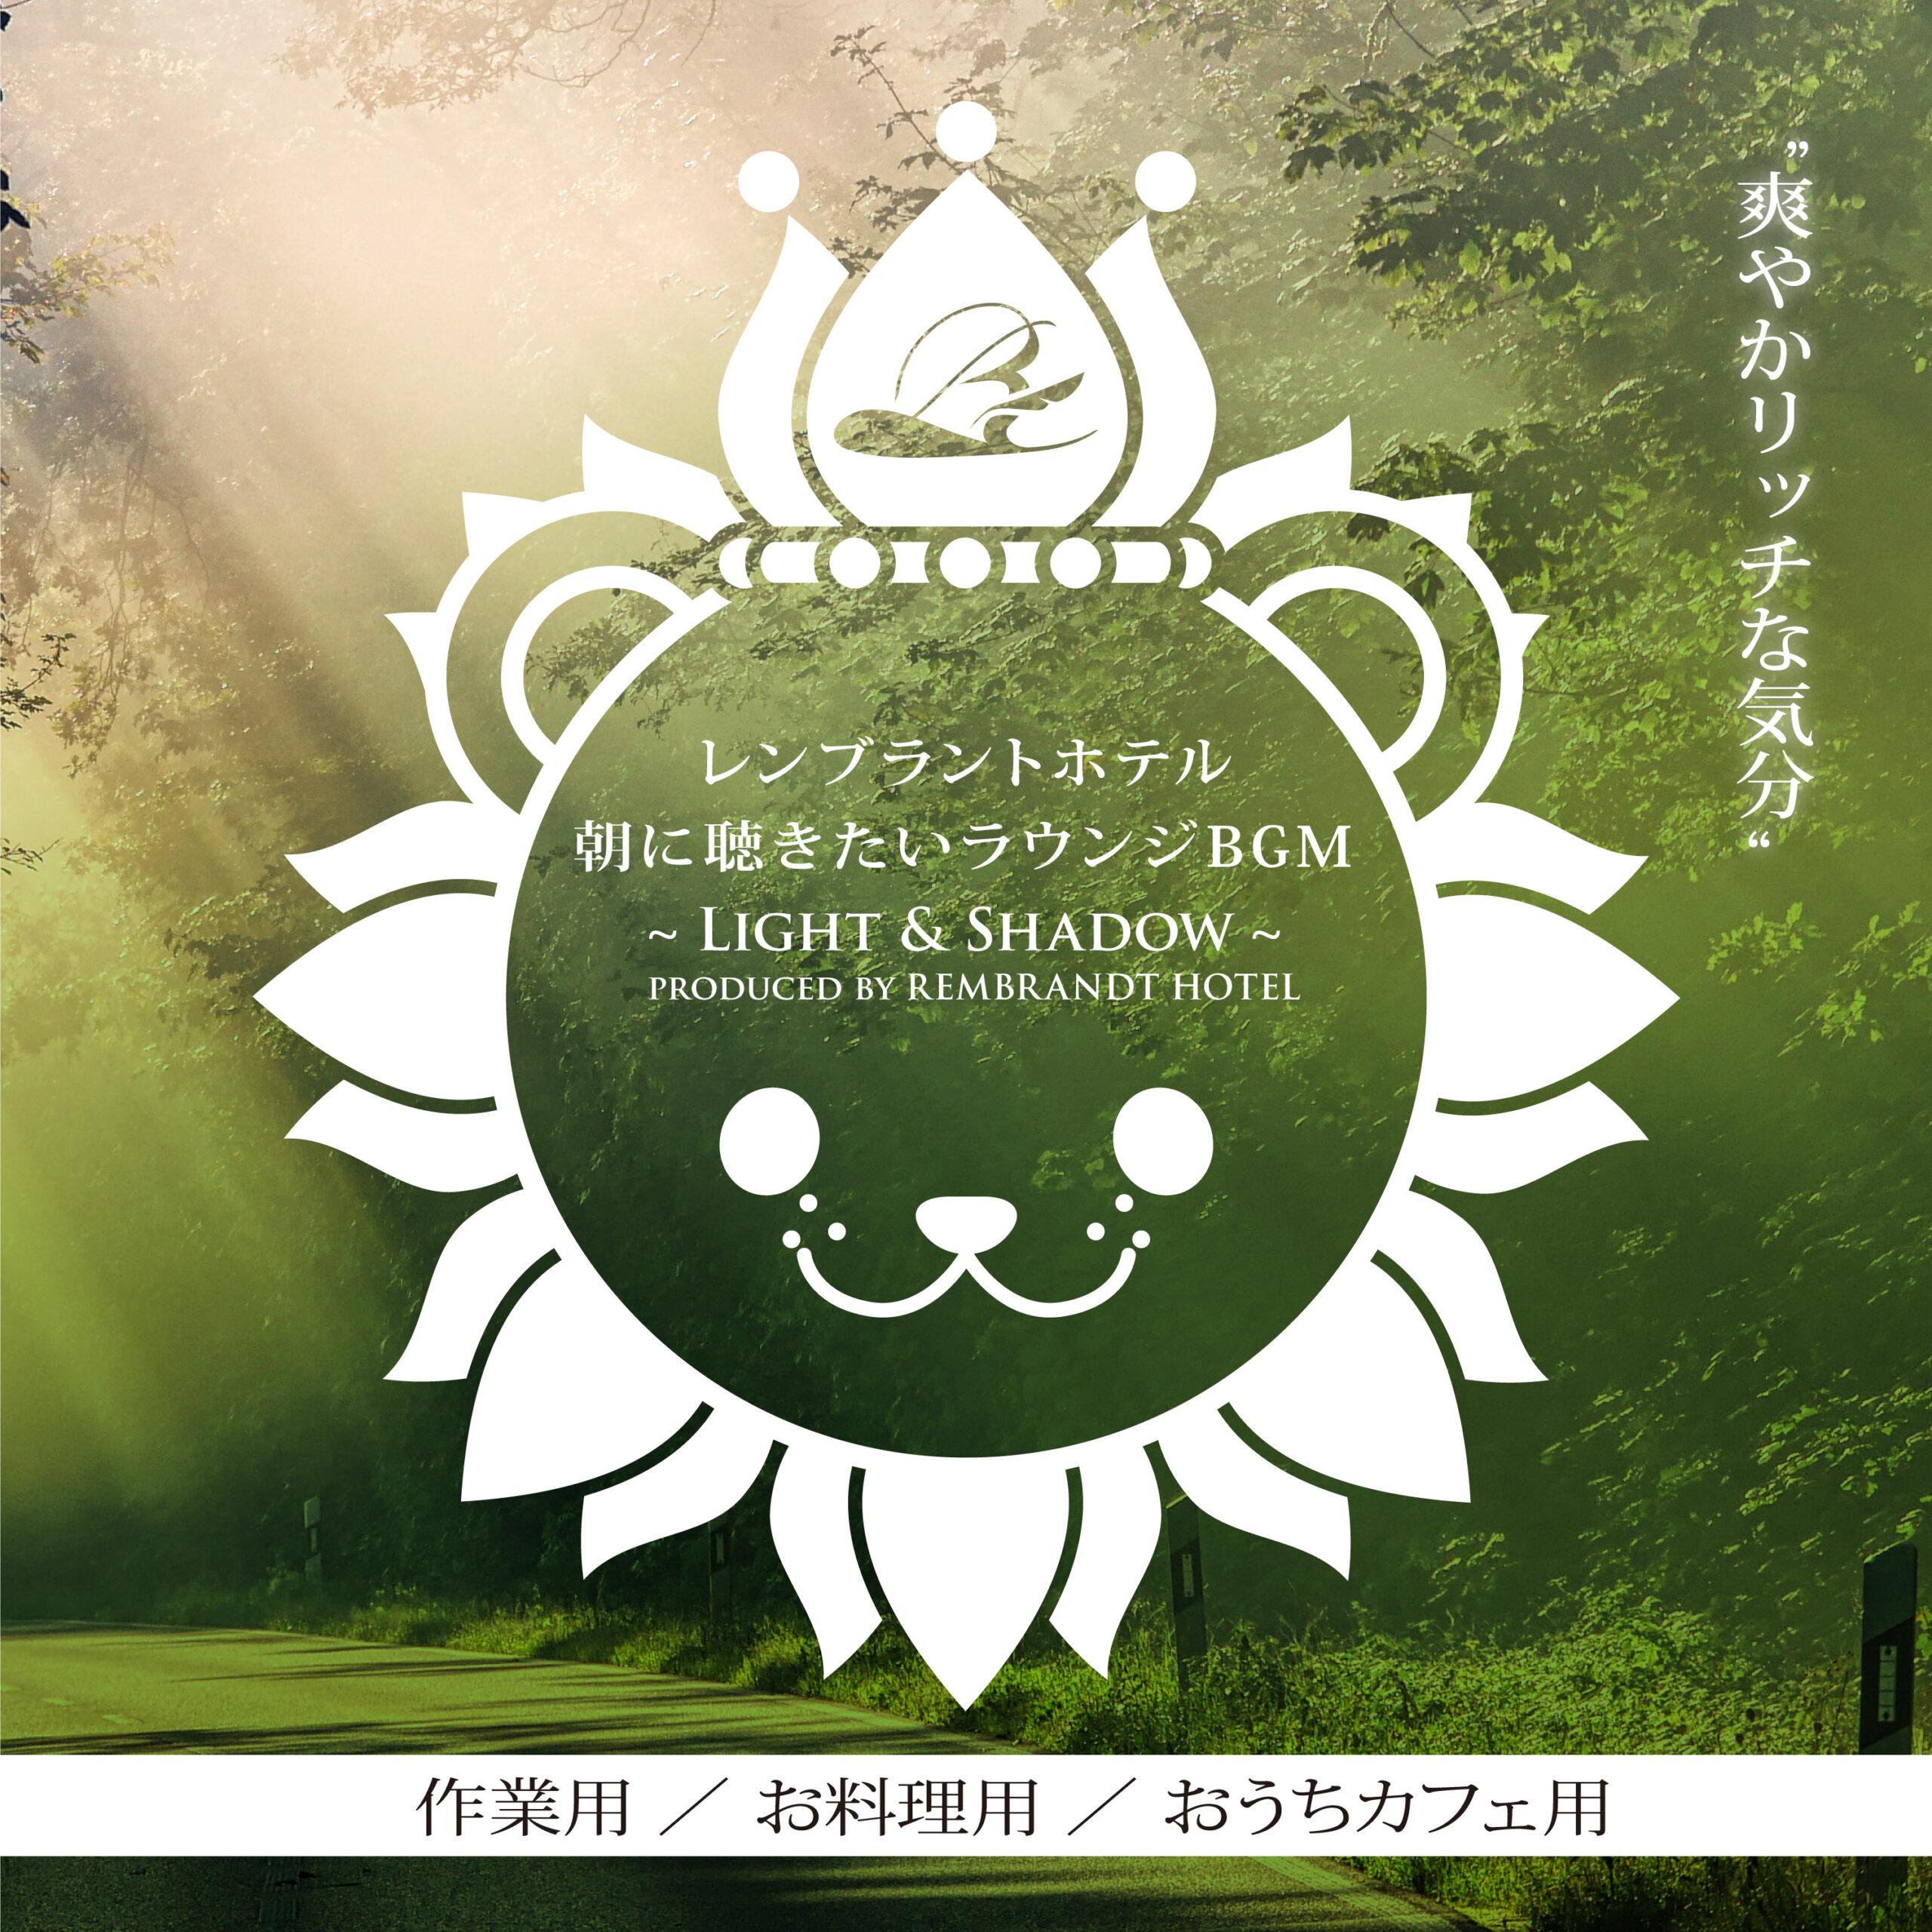 レンブラントホテル 朝に聴きたいラウンジBGM ~Light & Shadow~ PRODUCED BY REMBRANDT HOTEL 爽やかリッチ気分 作業用、お料理用、おうちカフェ用